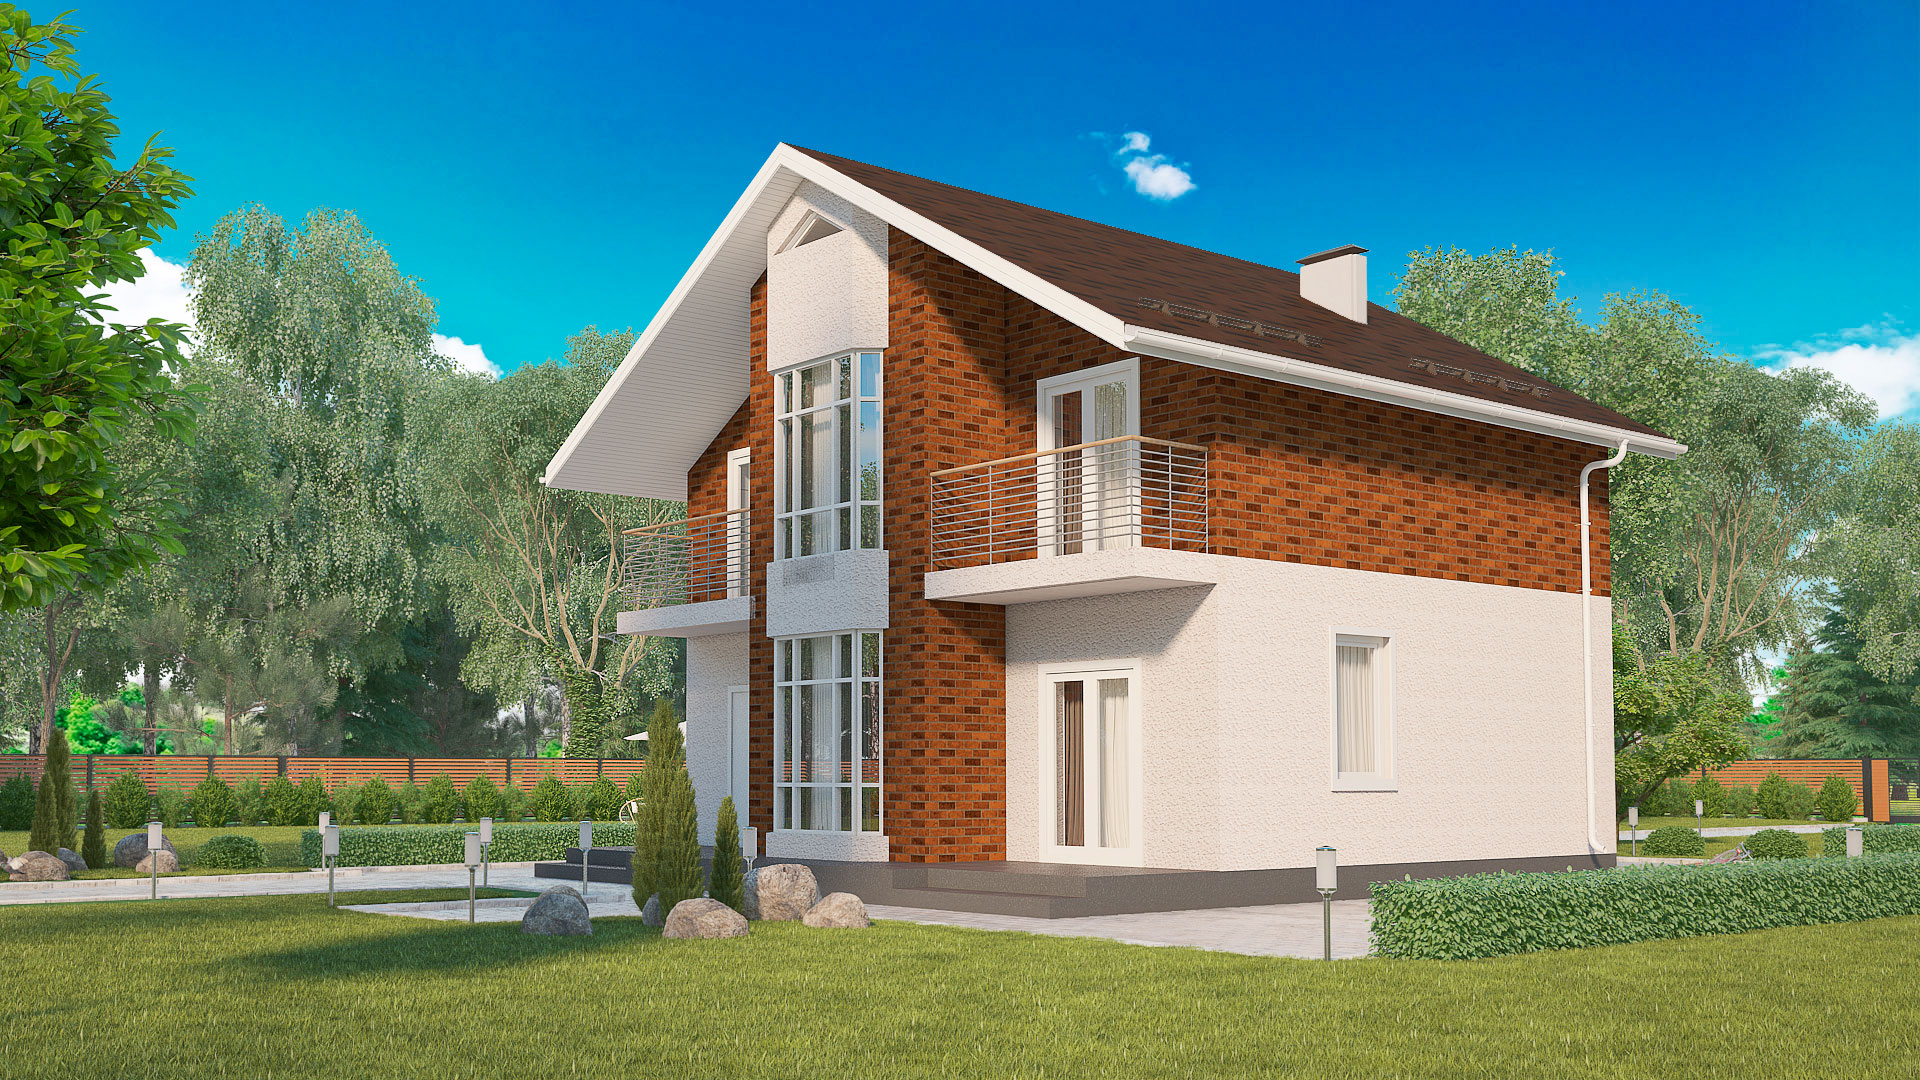 Передний и боковой фасады двухэтажного дома, проект БЭНПАН МС-164/1/К.